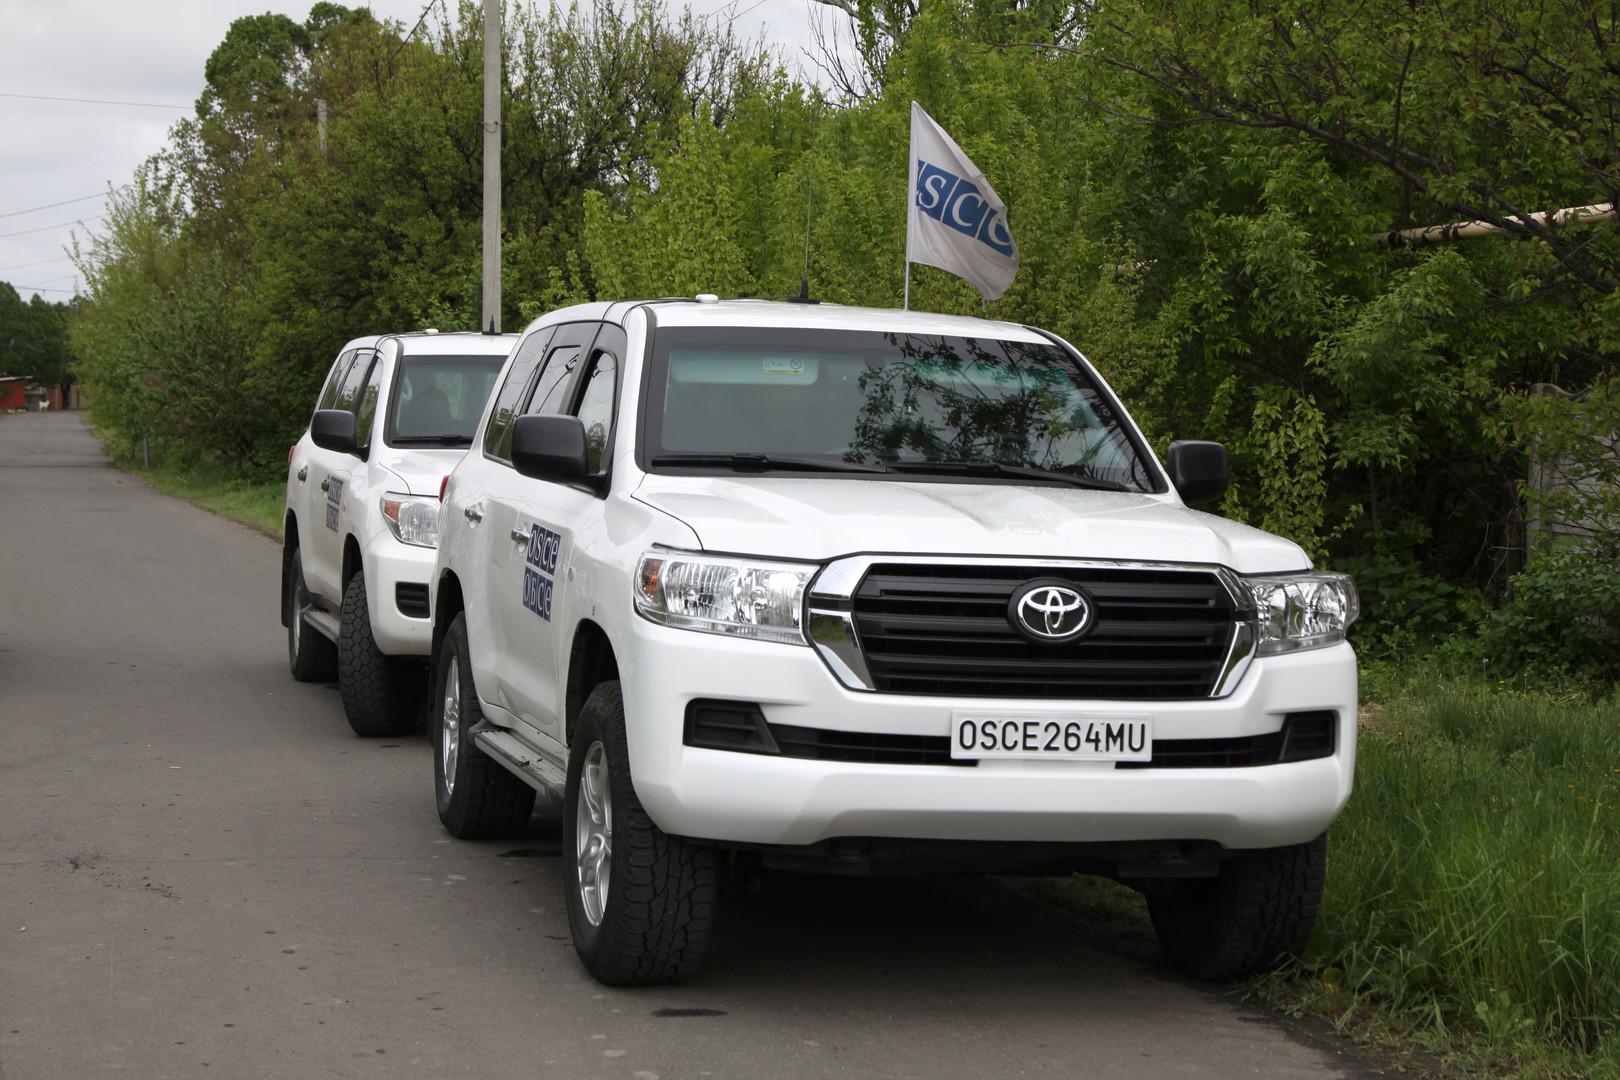 US-Kommission fabriziert russische Scheinbedrohung, um militärische Aufrüstung zu rechtfertigen